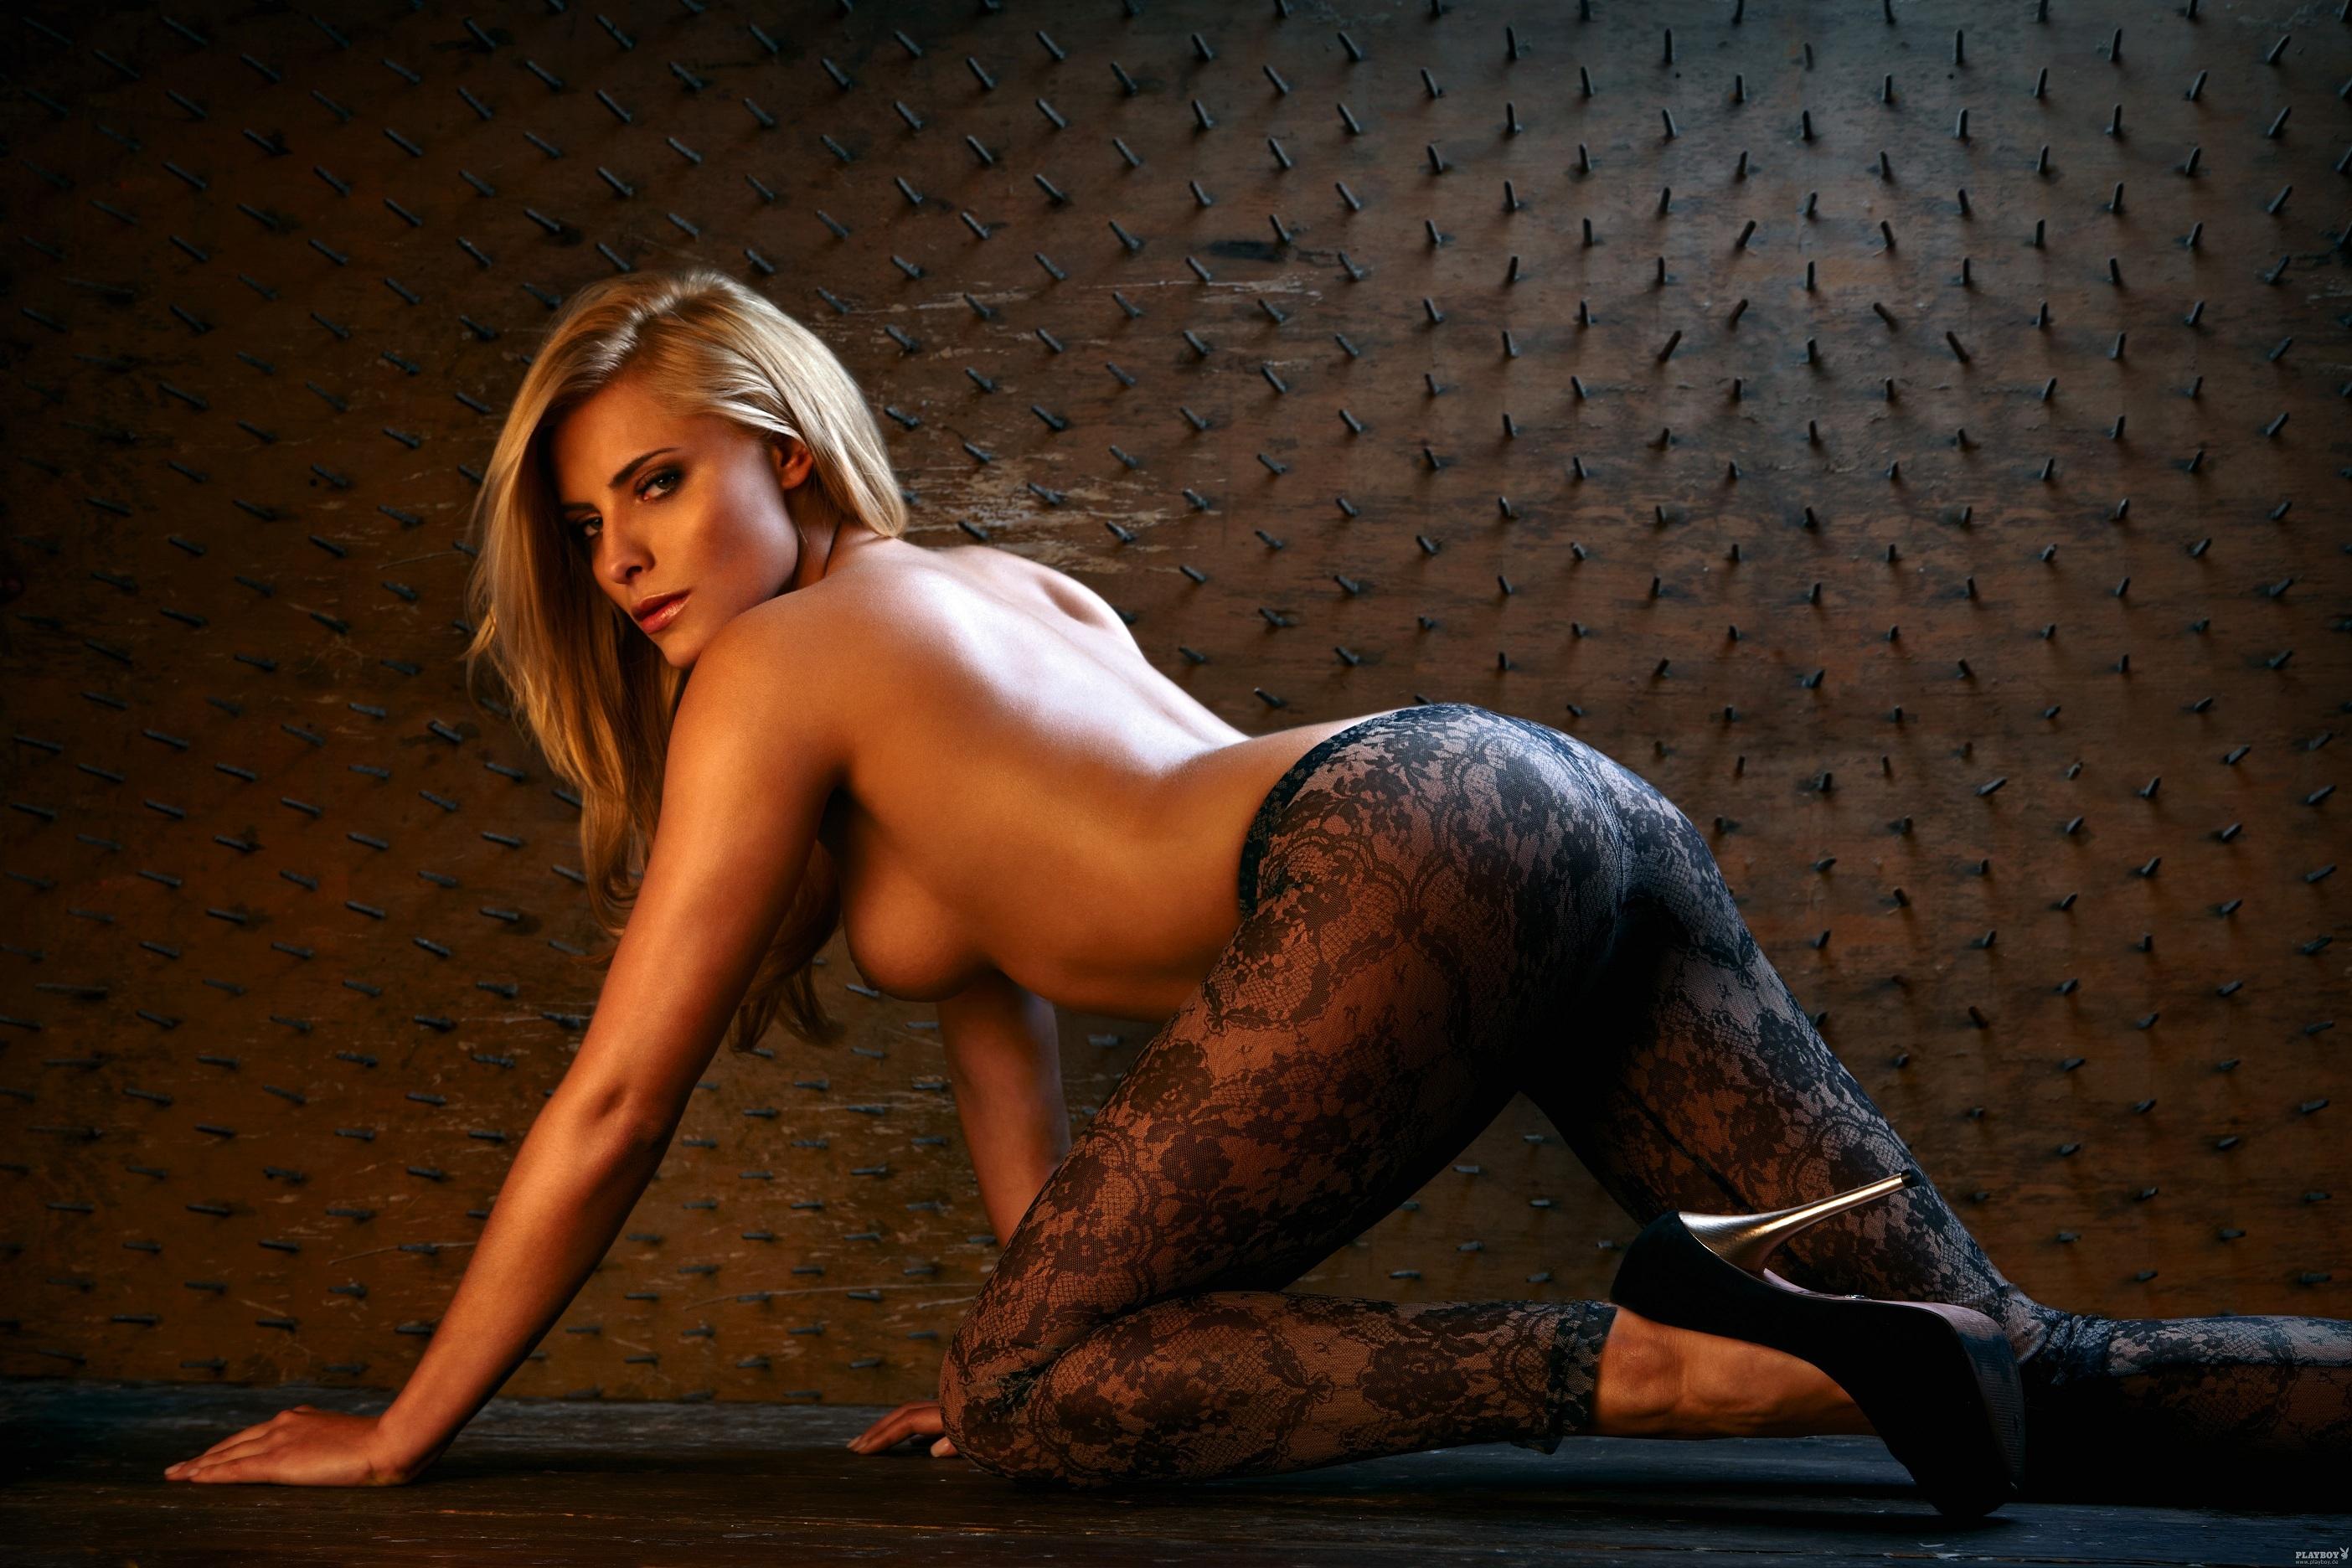 Thomalla bilder nackt playboy sophia Sophia Thomalla